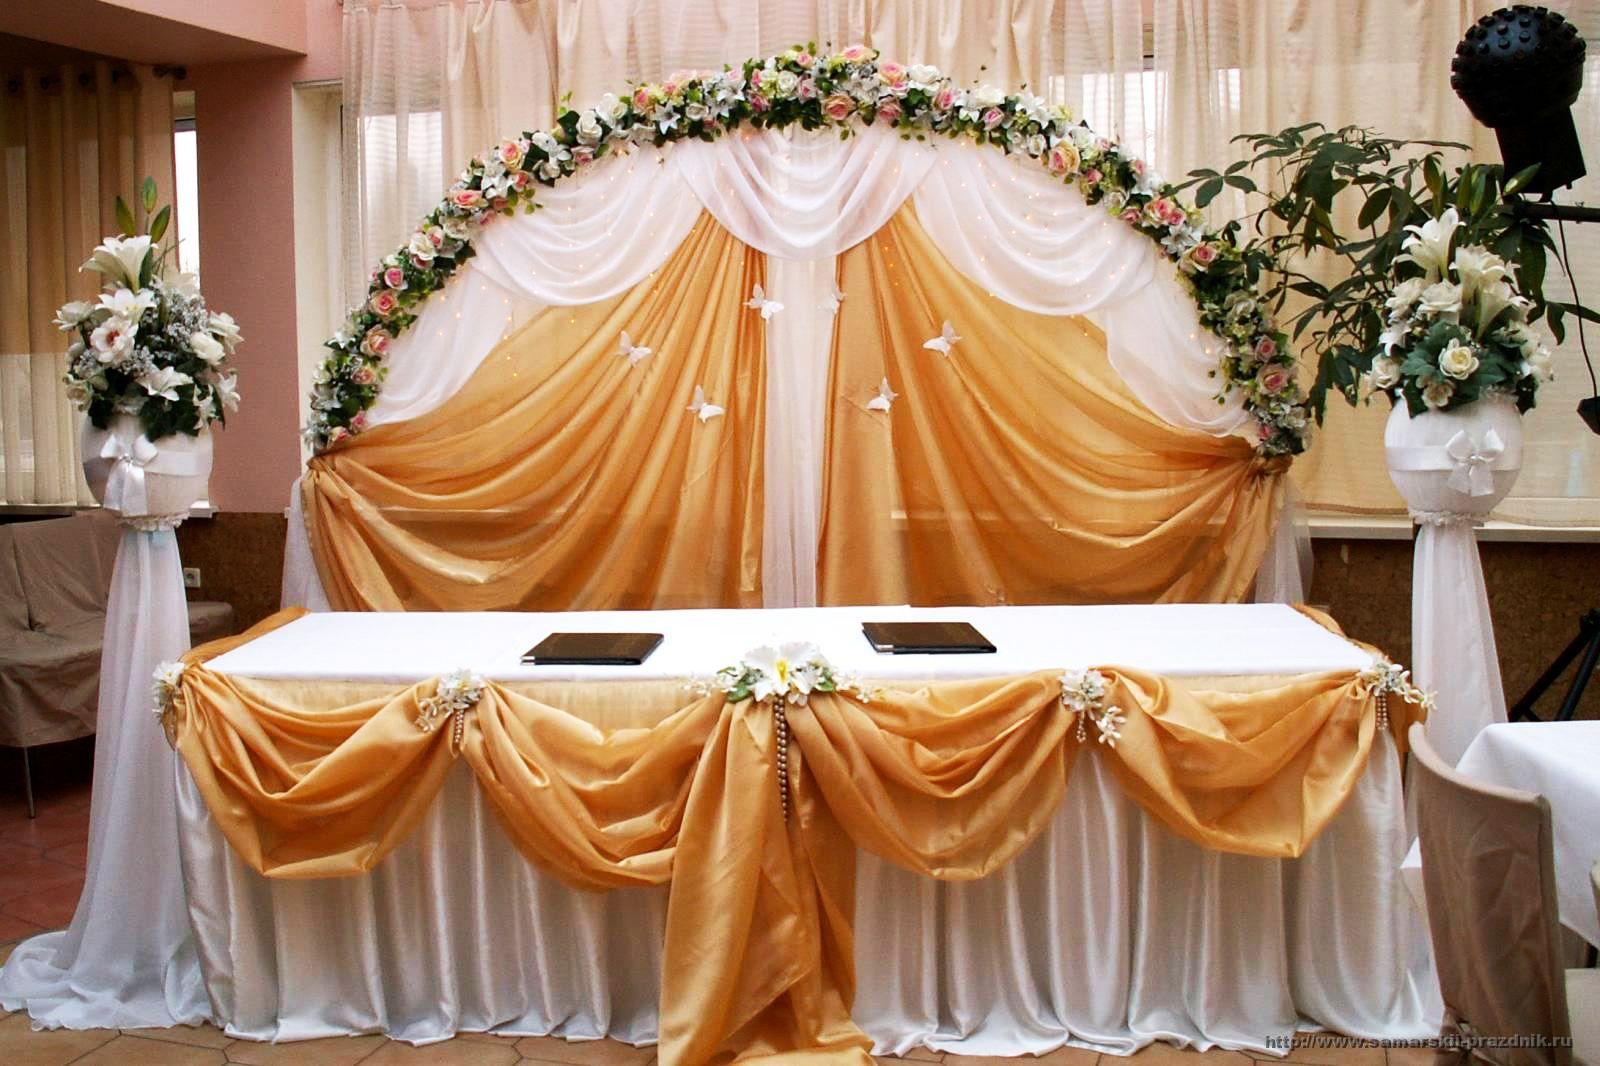 Свадебное украшение зала тканью своими руками6